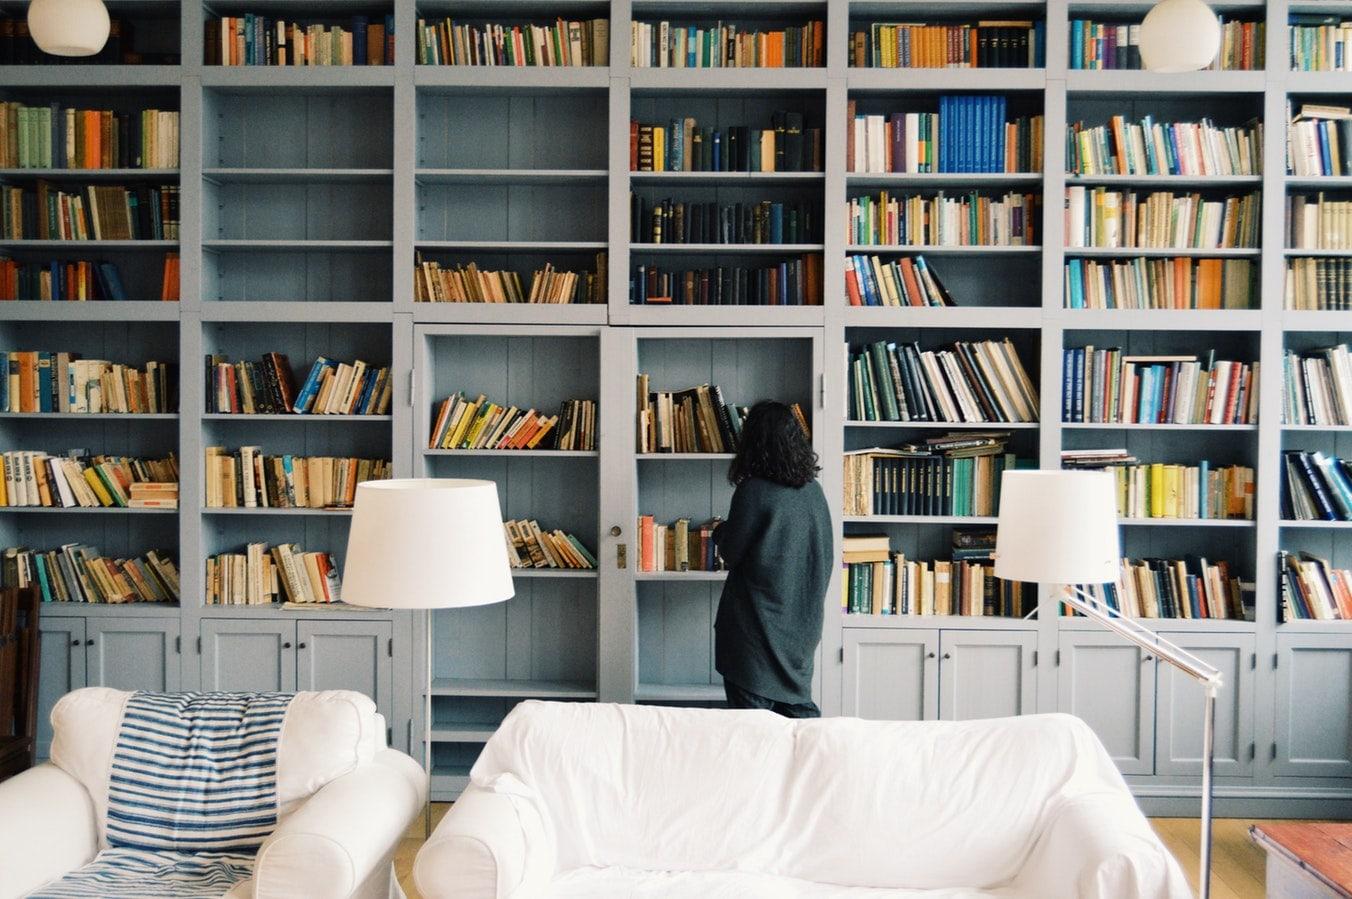 modelos-de-prateleiras-para-livros-que-ficam-lindos